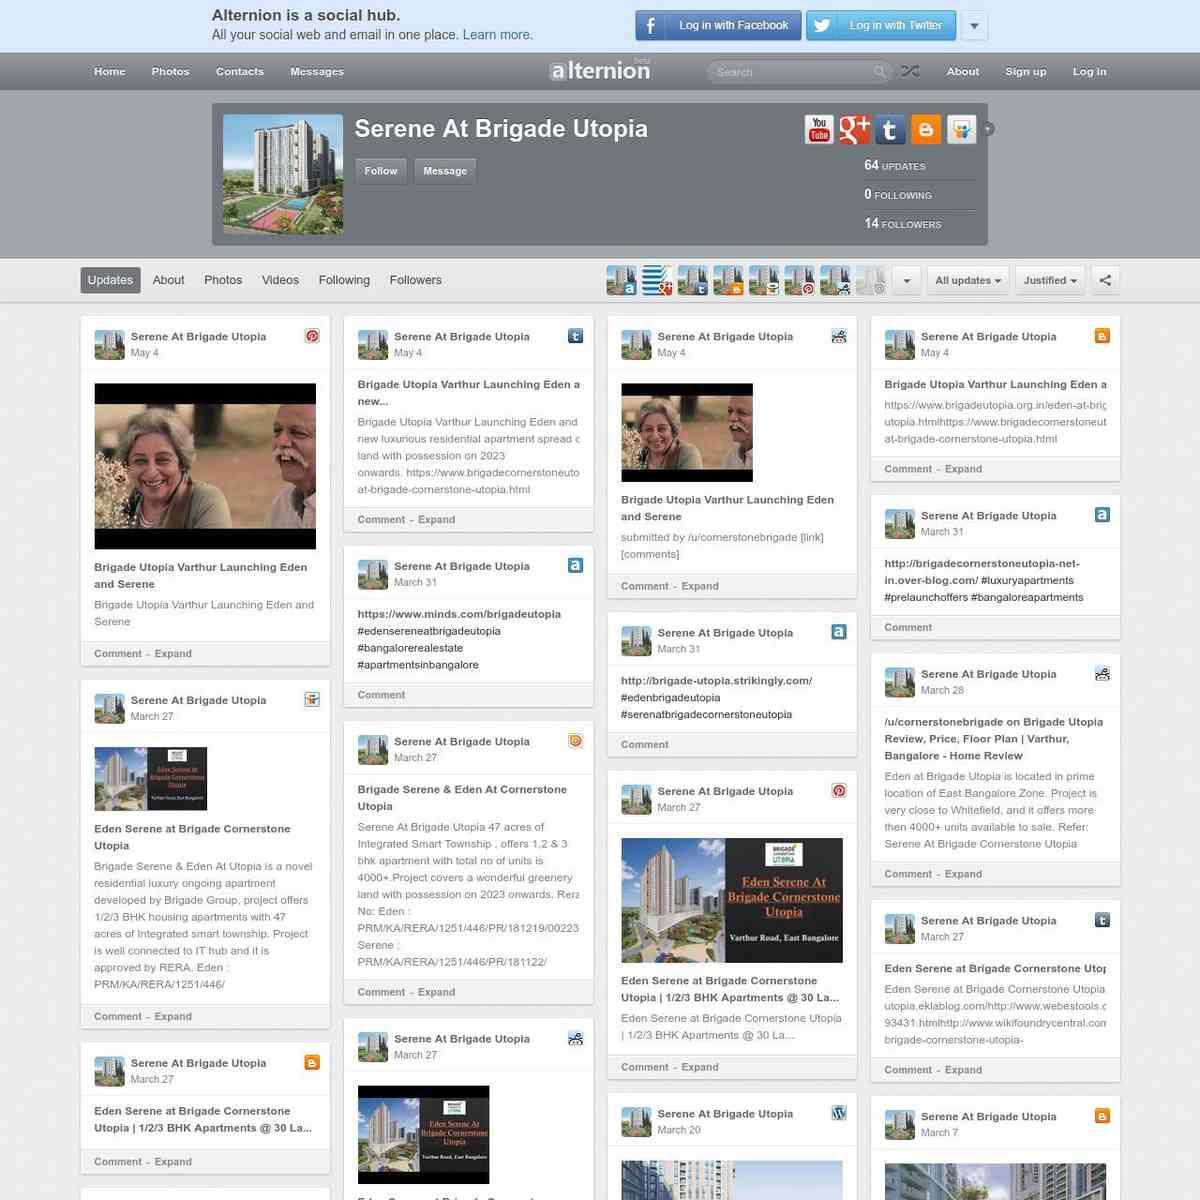 alternion.com/users/edenutopia/